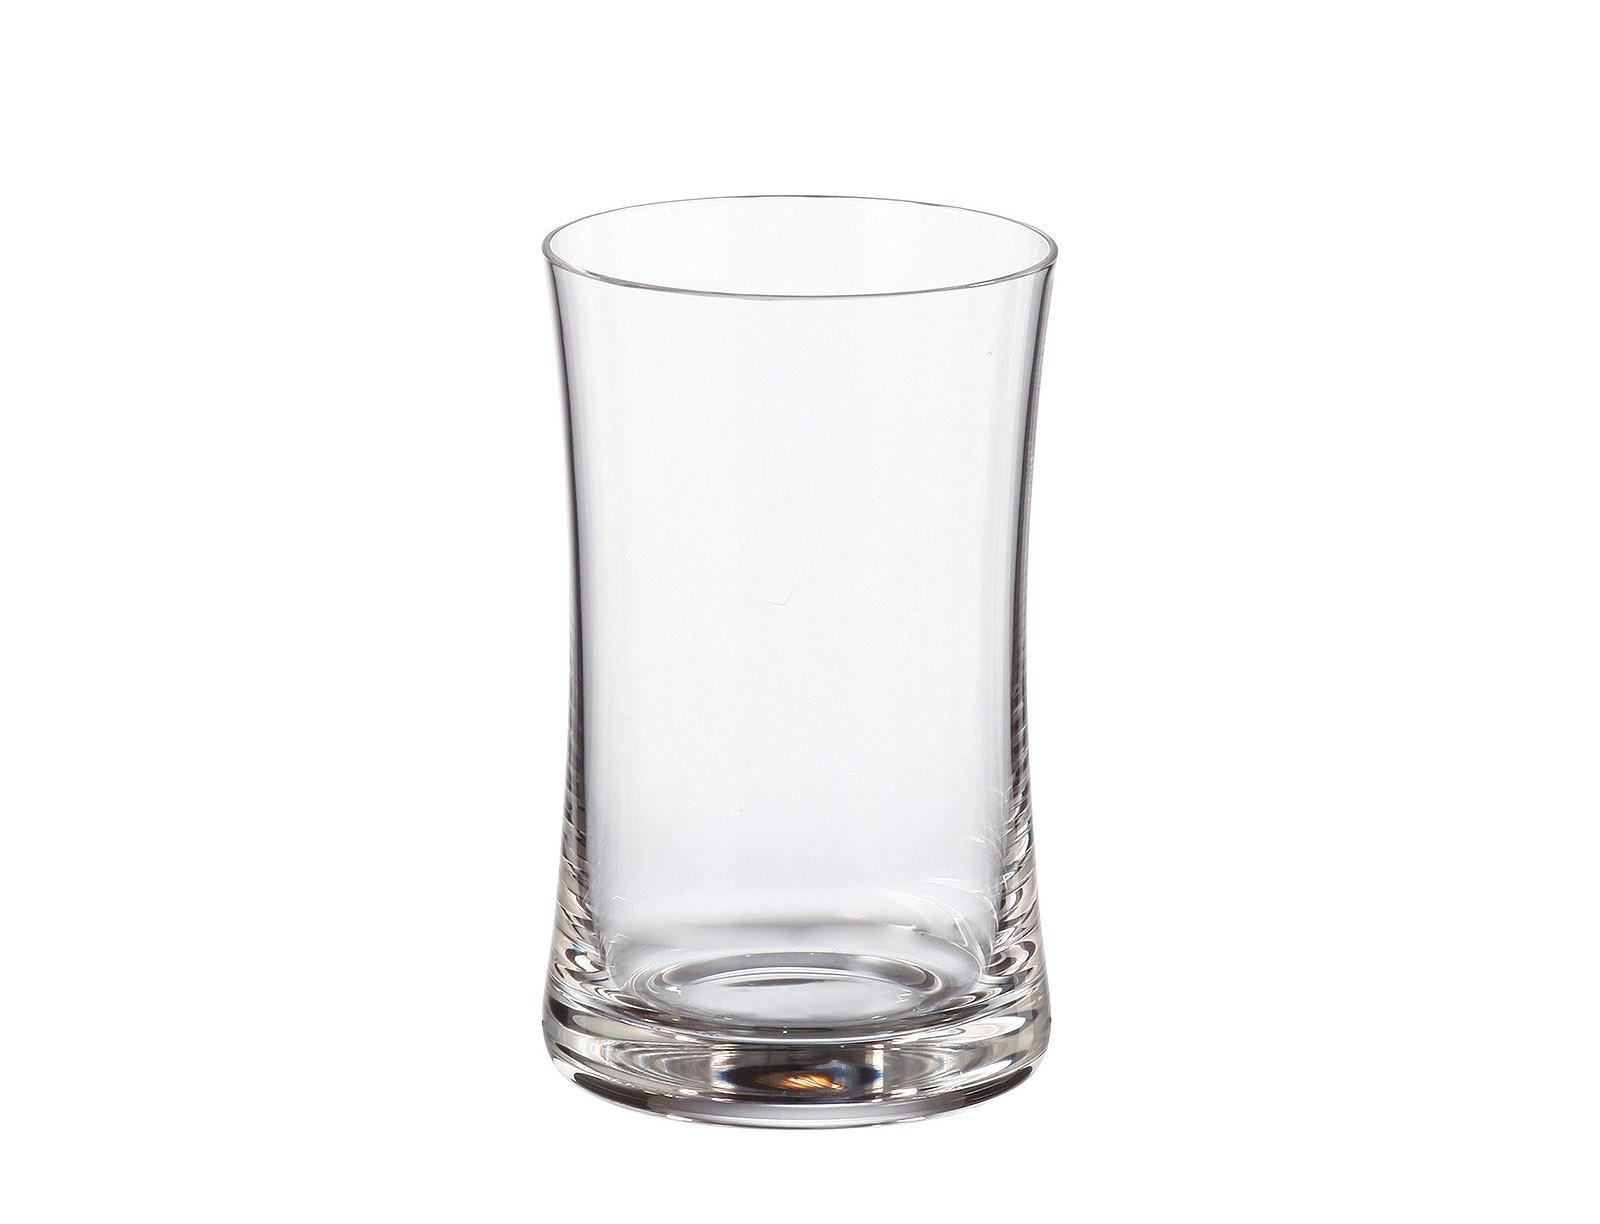 Ποτήρι Ούζου Buteo Σετ 6Τμχ Κρυστάλλινο 150ml Bohemia home   ειδη σερβιρισματος   ποτήρια